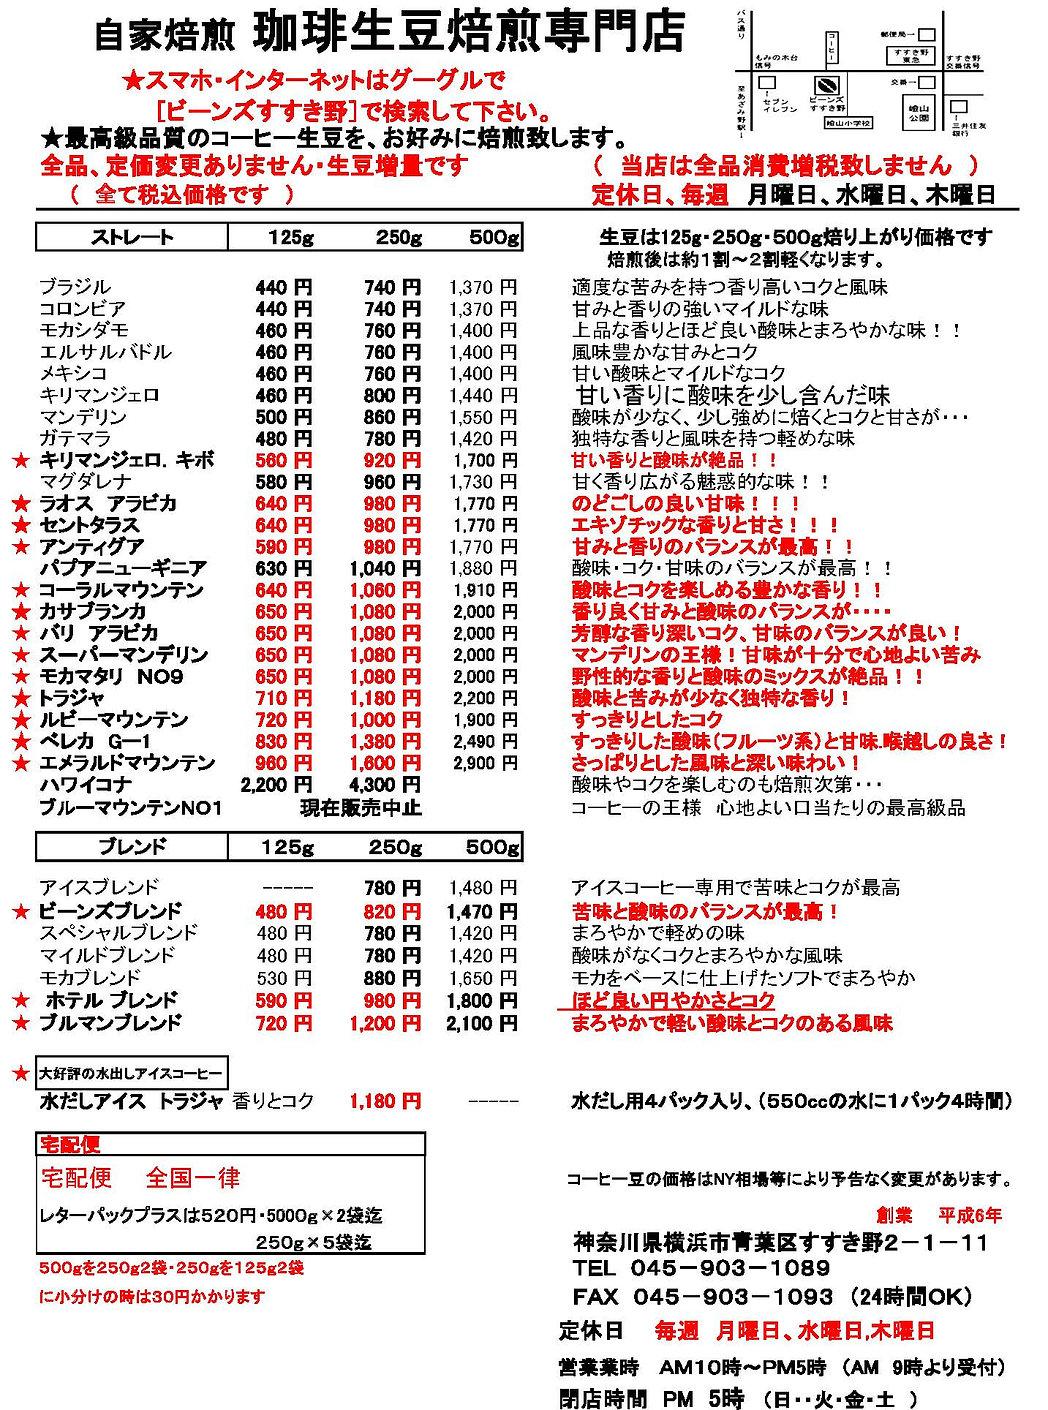 コピー改定1メユー表125250g500g用 (beans susukino の